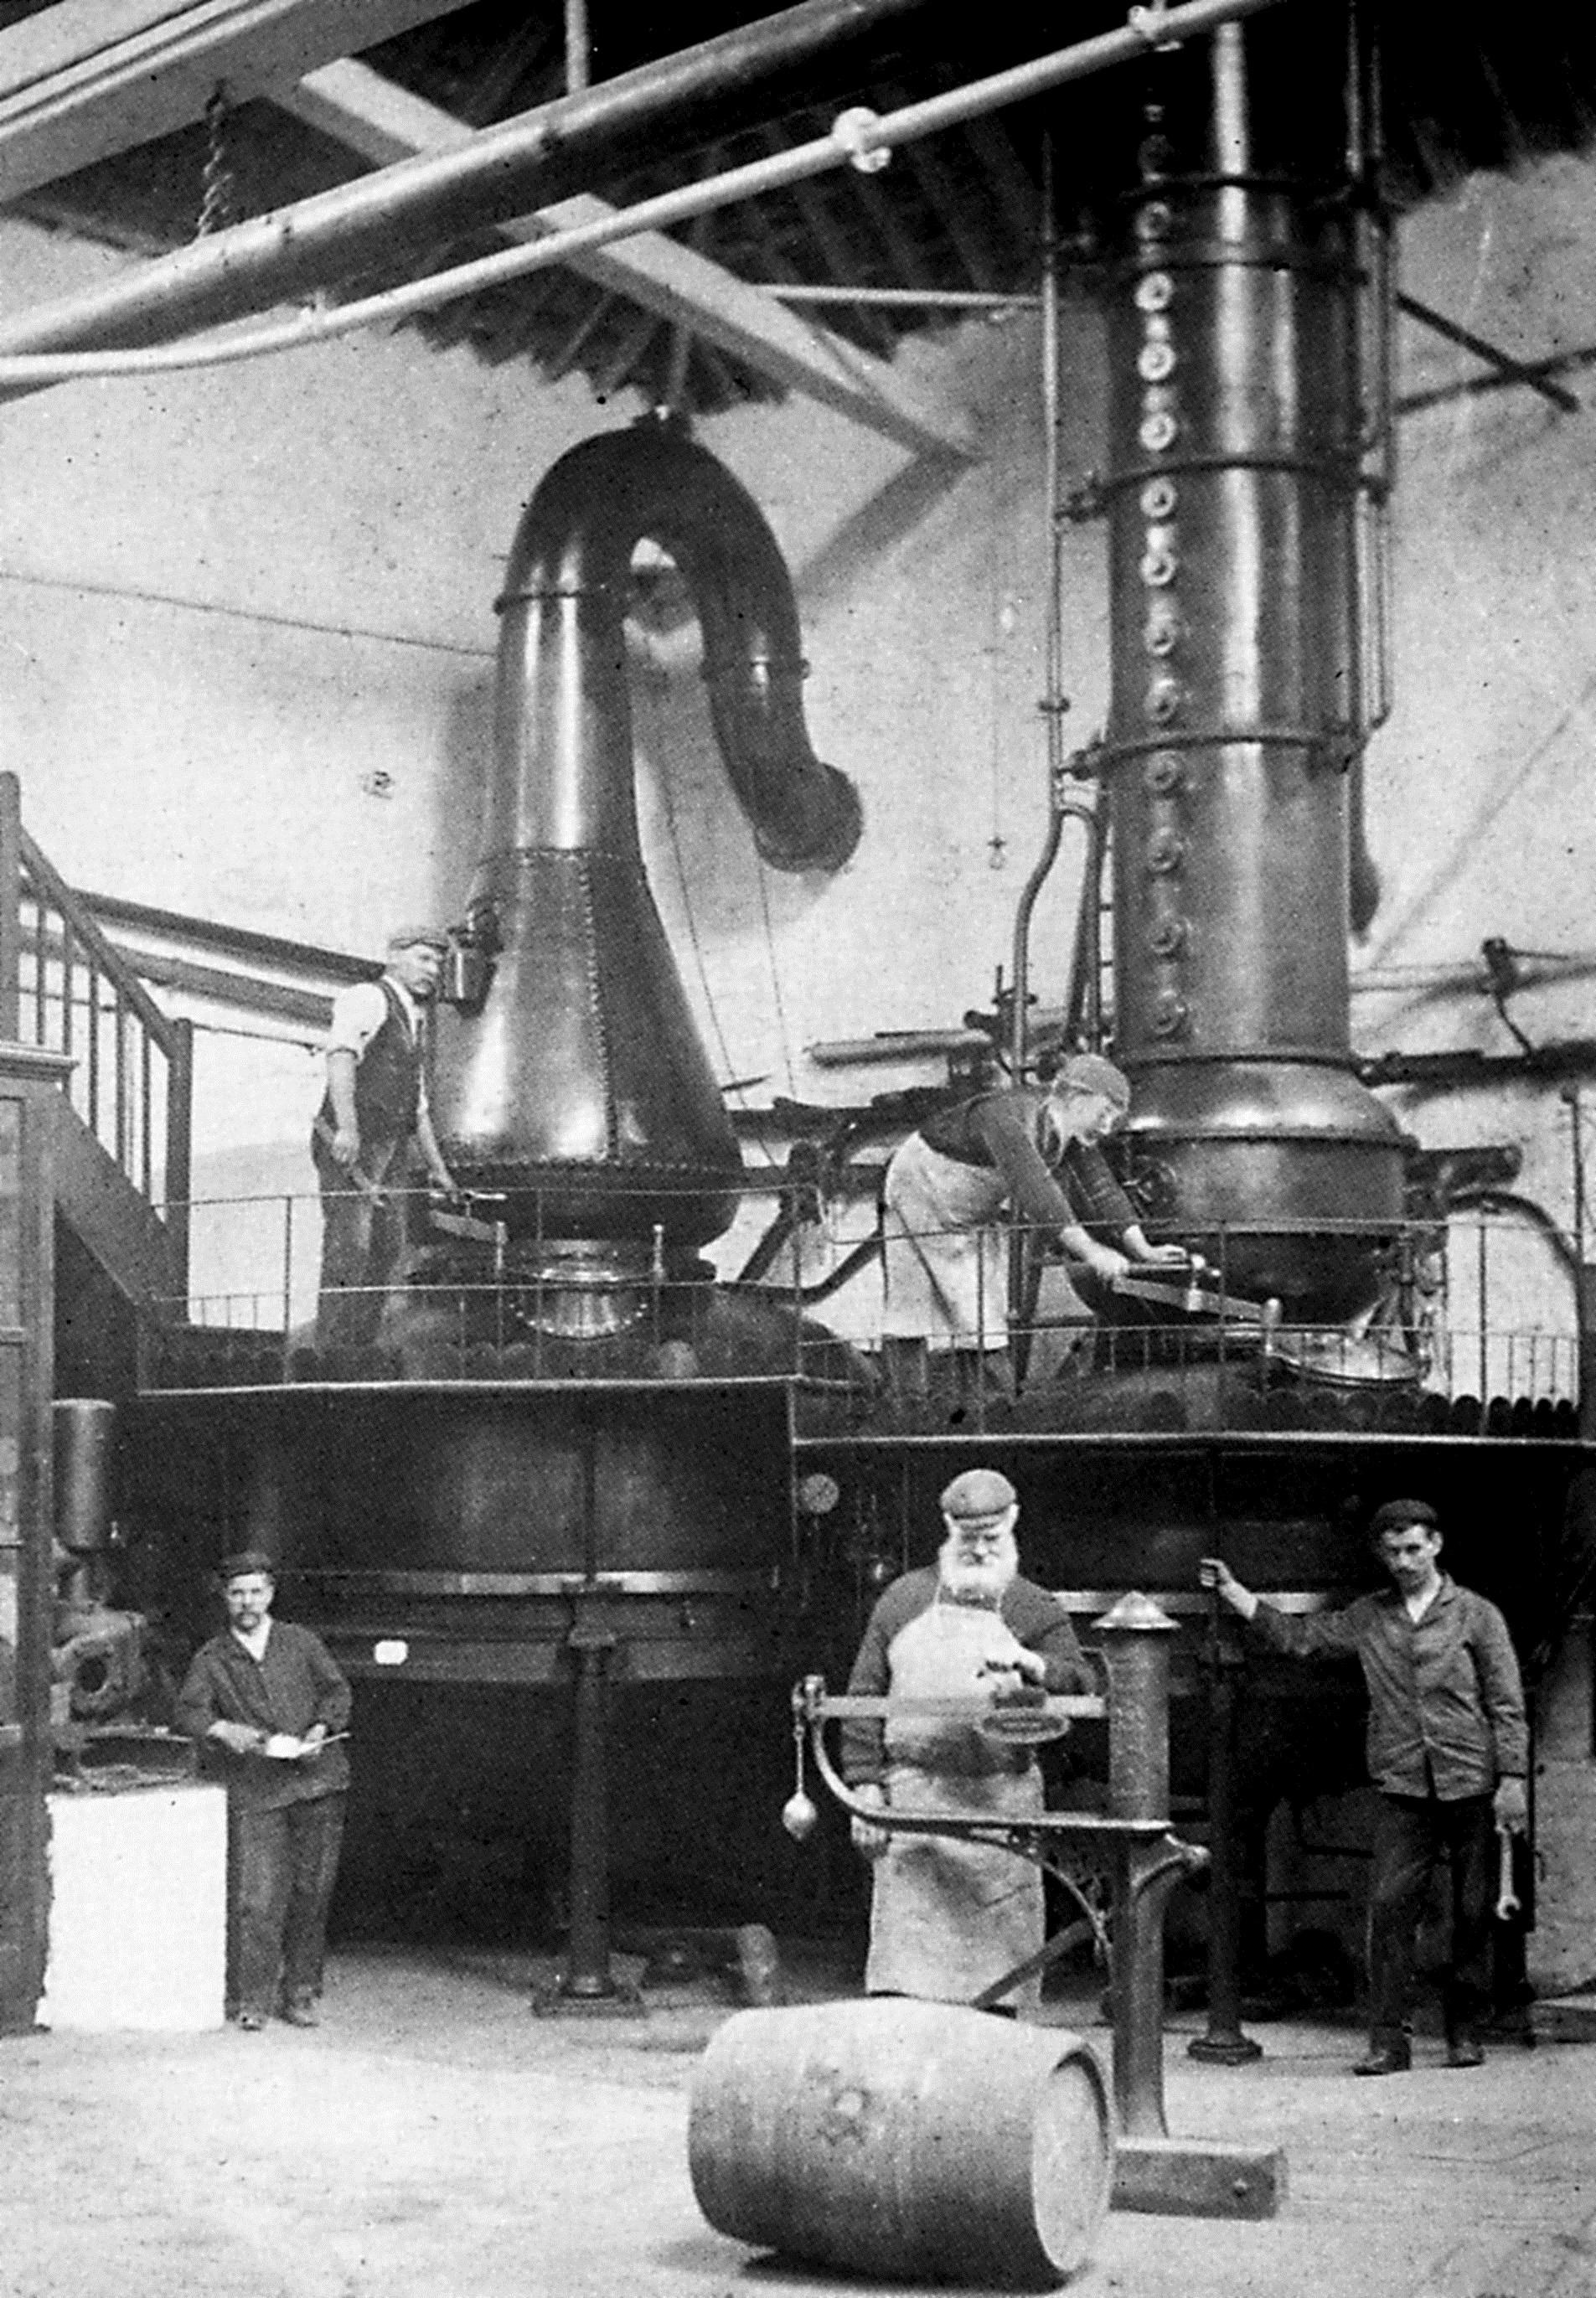 Foto d'epoca della distilleria Black Friars, Plymouth